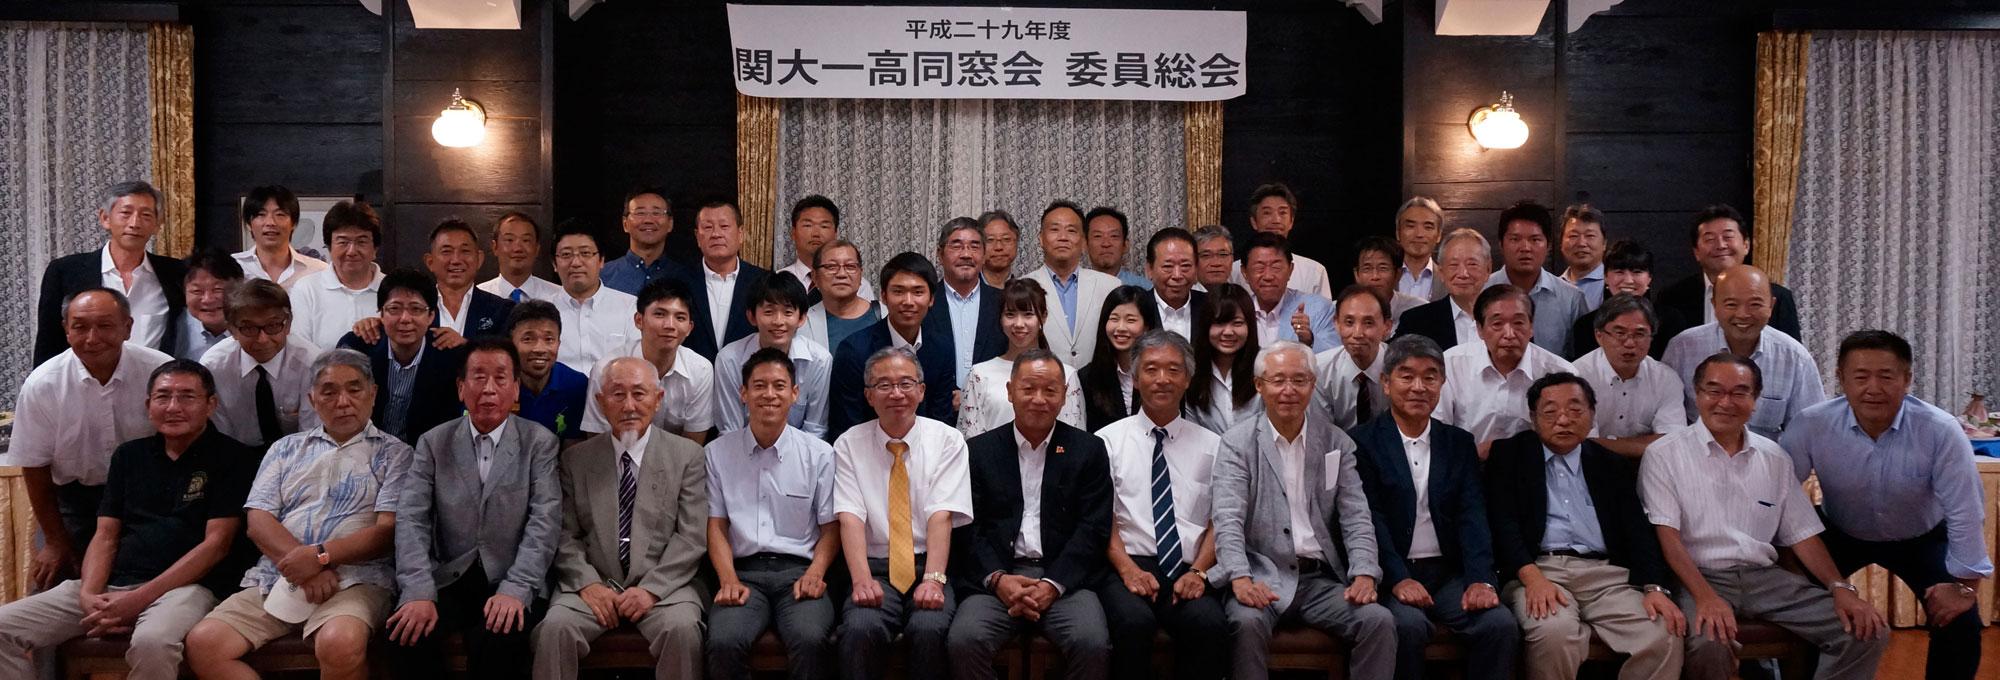 2017年度同窓会委員総会